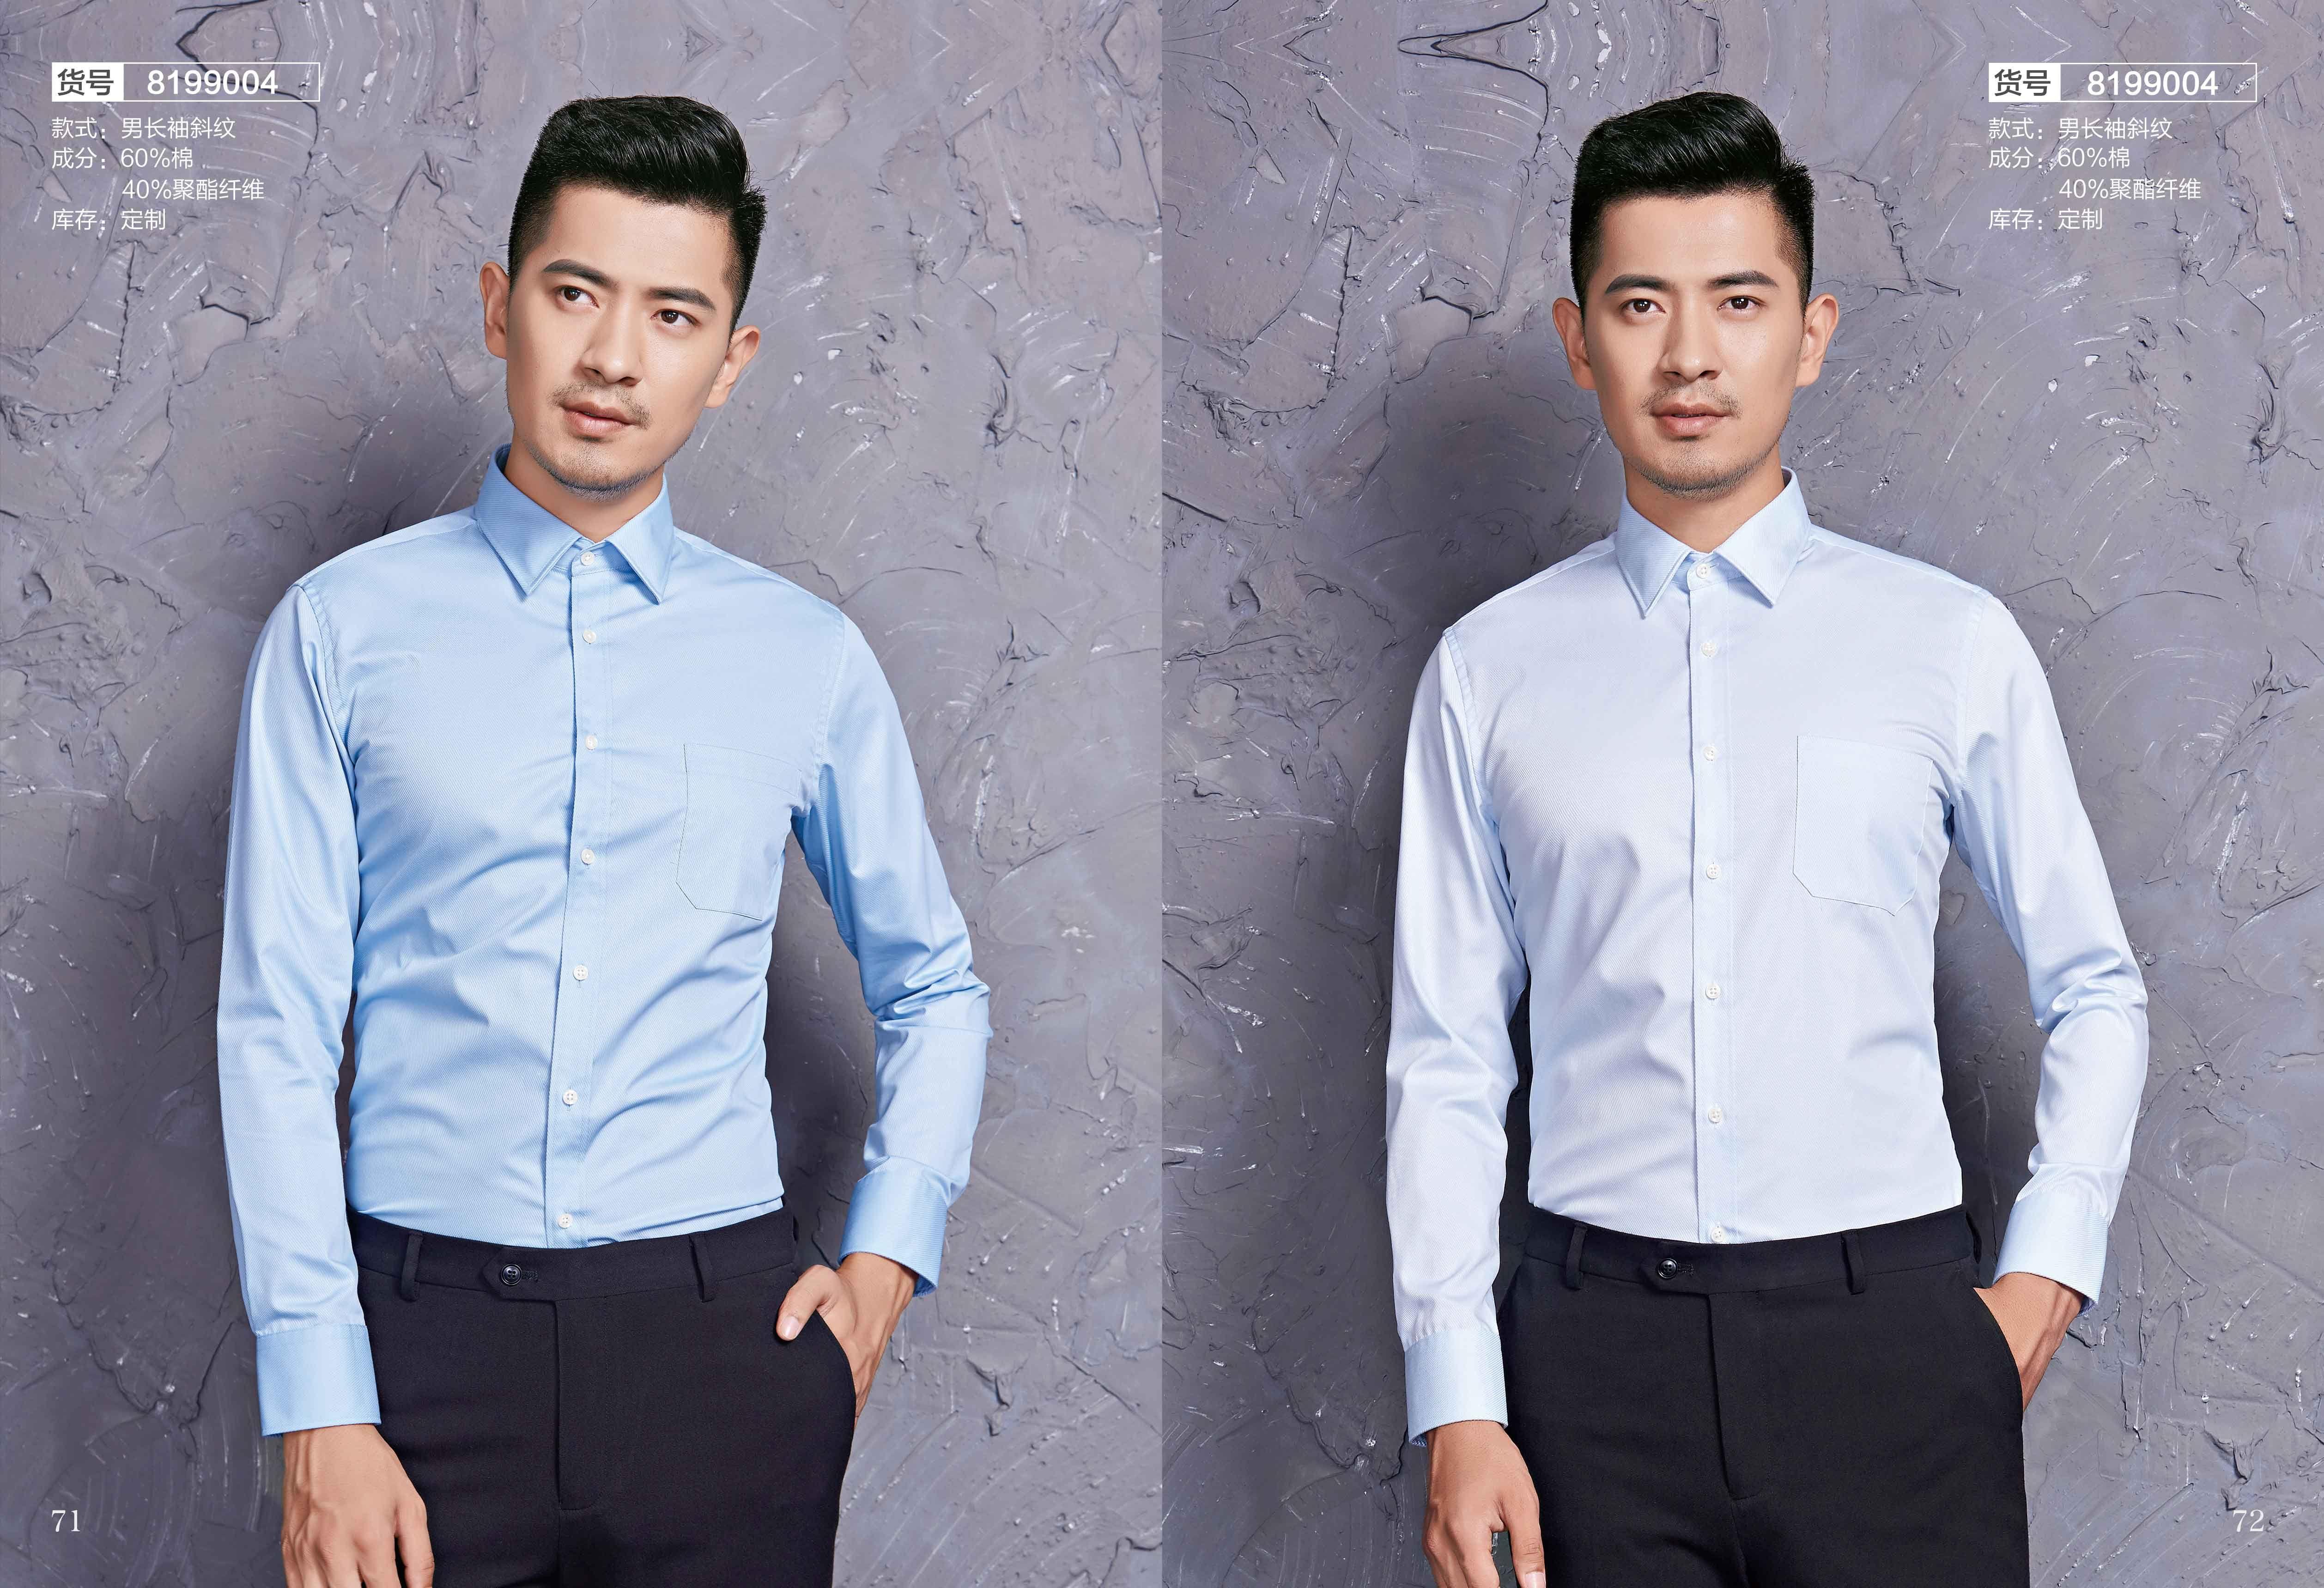 长袖职业衬衫